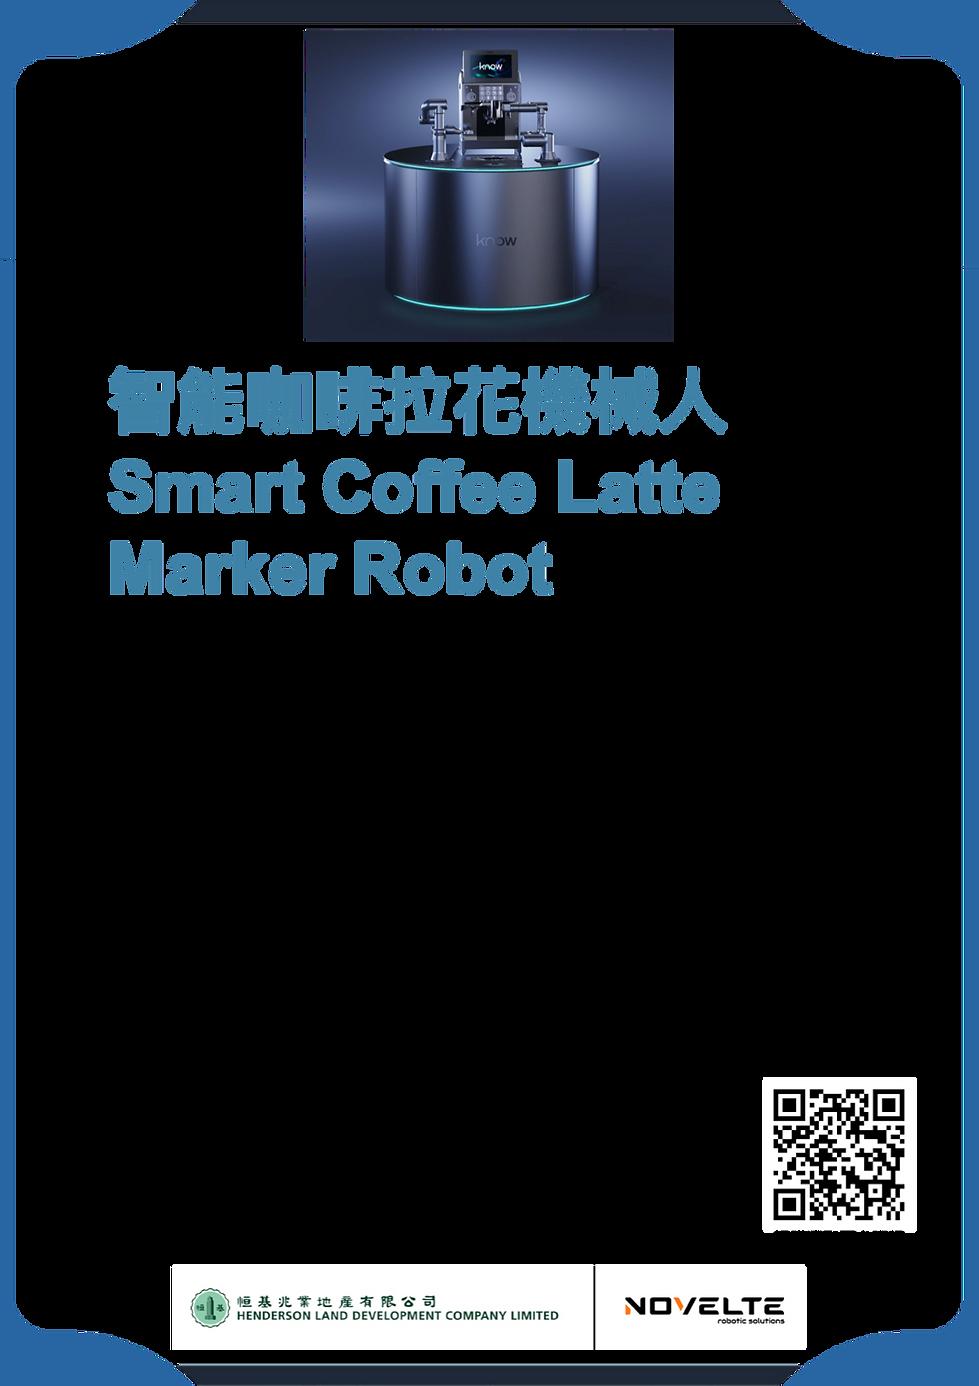 Henderson_CoffeeRobot.png